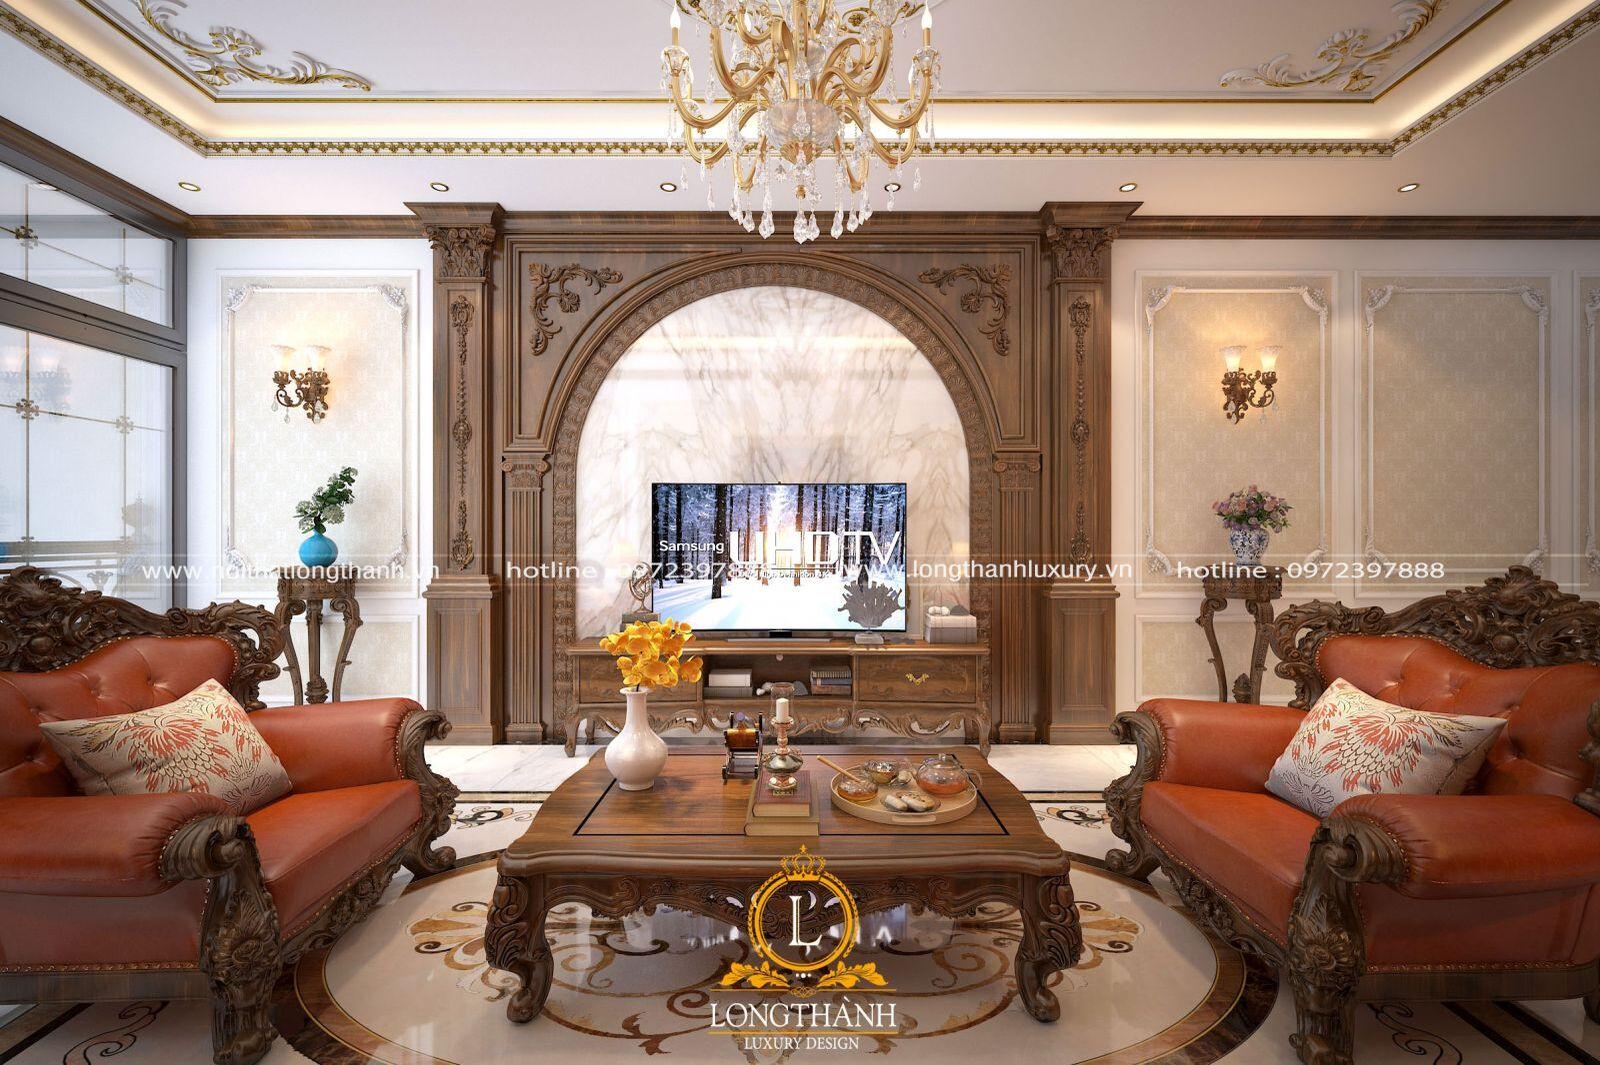 Mẫu trang trí phòng khách biệt thự đẹp LT04